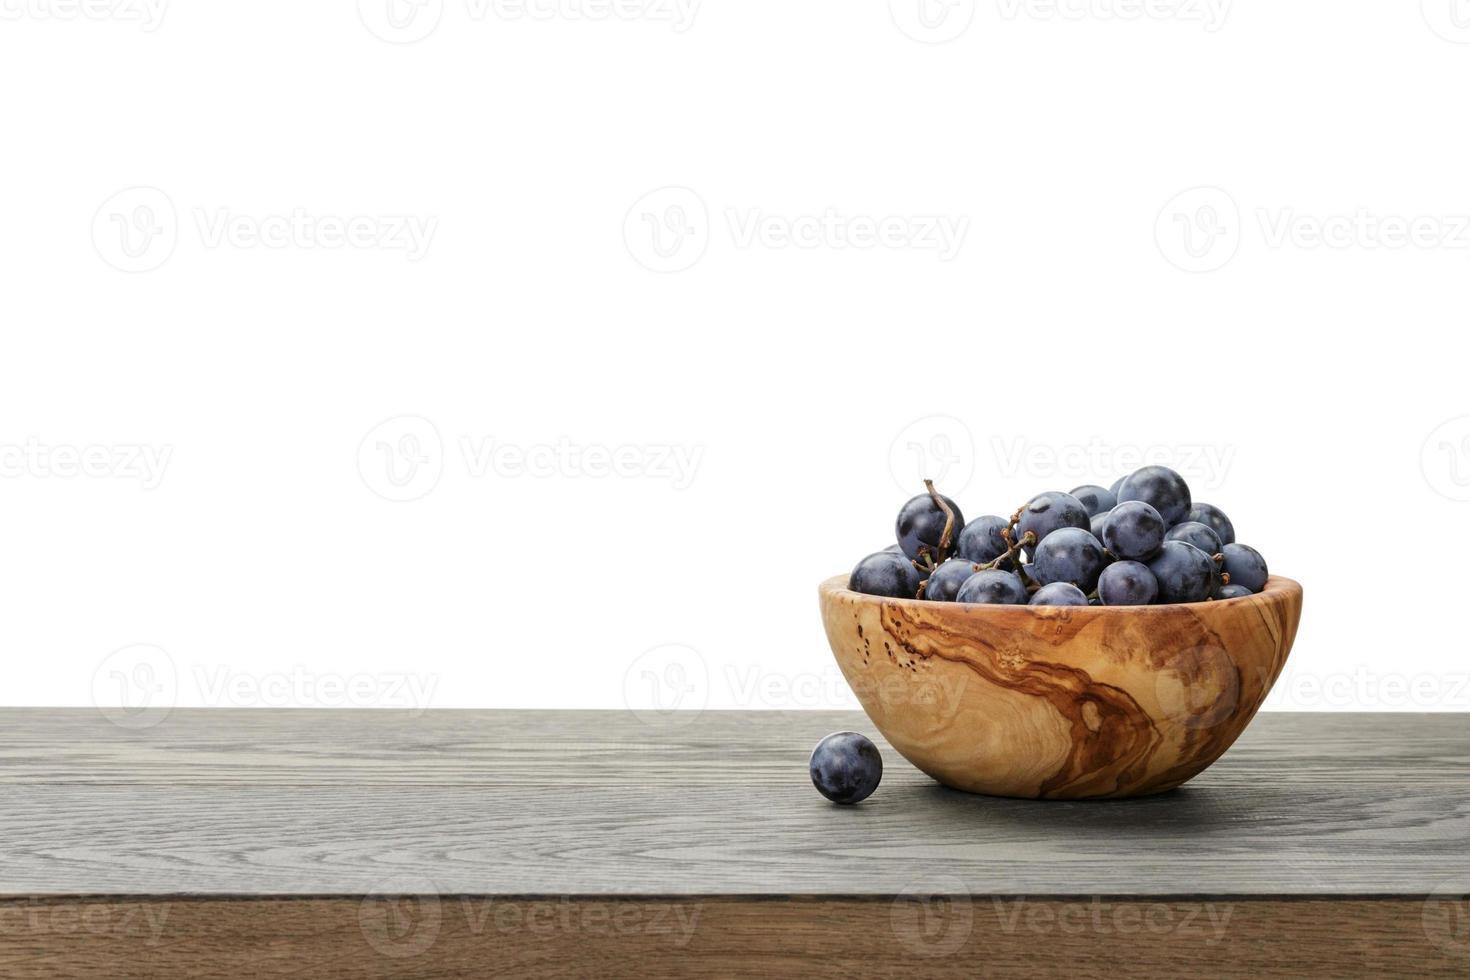 isabella druvor i träskål på bordet, gränskompostition foto